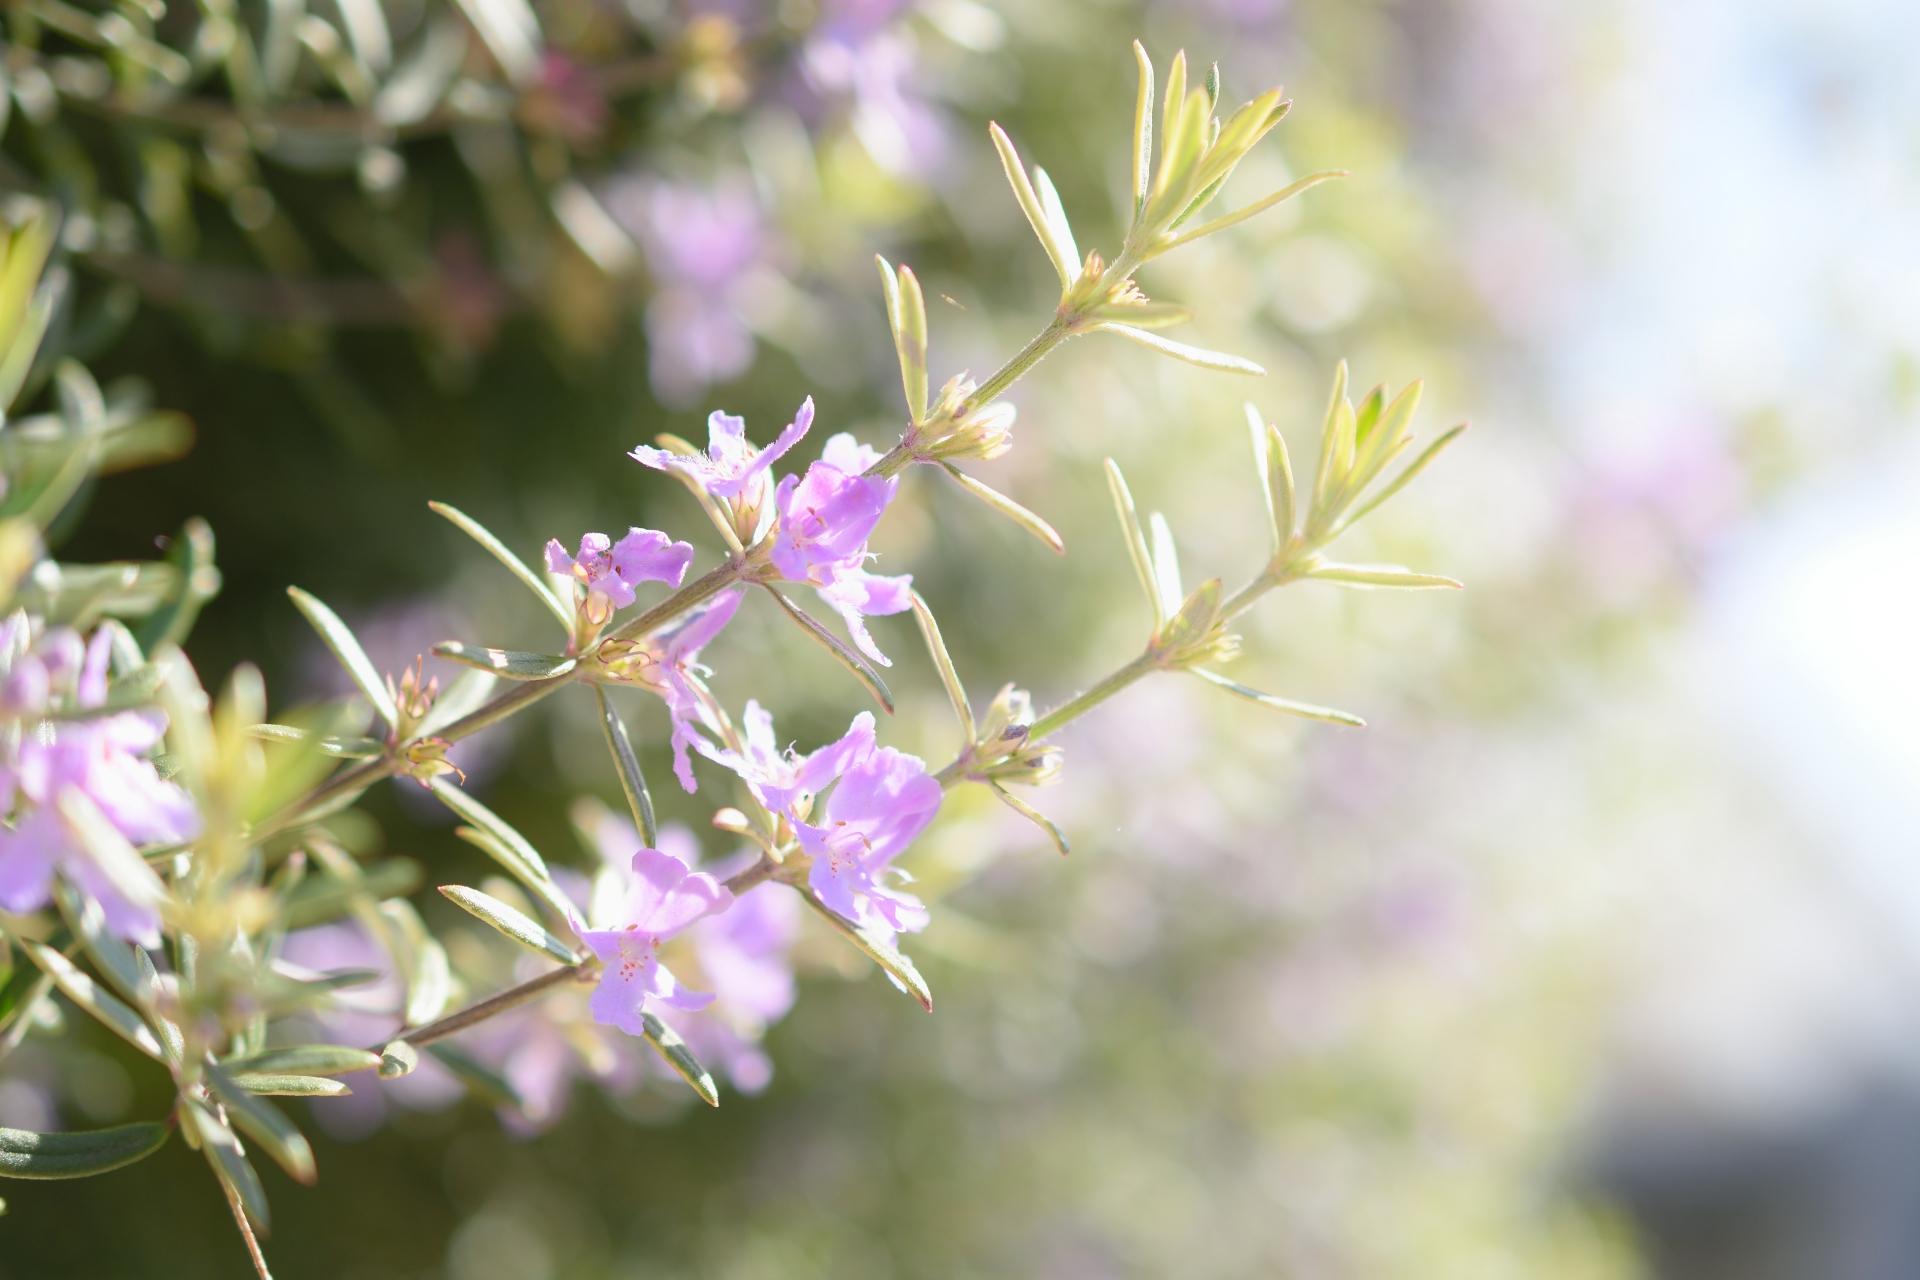 ガーデン用品屋さんの花図鑑 ローズマリー